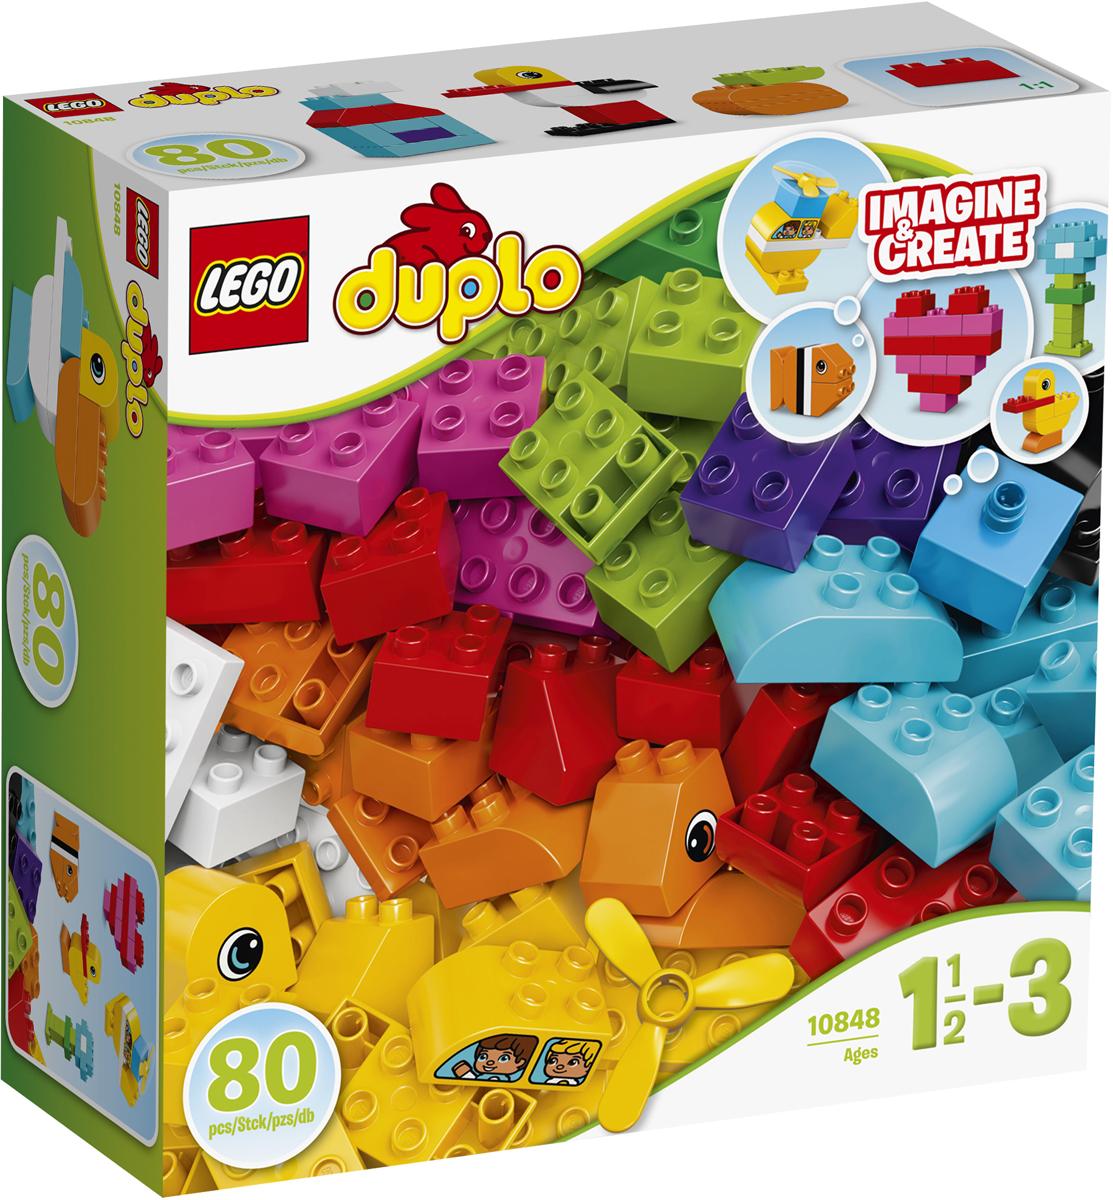 LEGO DUPLO Конструктор Мои первые кубики 1084810848Пробудите воображение малыша с помощью потрясающего ассортимента кубиков LEGO DUPLO, который может стать источником бесконечного веселья! Используя эти яркие, красочные кубики, некоторые из которых украшены с двух сторон, пропеллер и карточки по сборке как источник вдохновения дети могут построить практически все, что только можно представить: самолёт, лодку и маленький домик! Крупные кубики LEGO DUPLO специально сконструированы так, чтобы они были безопасны и удобны для маленьких ручек.